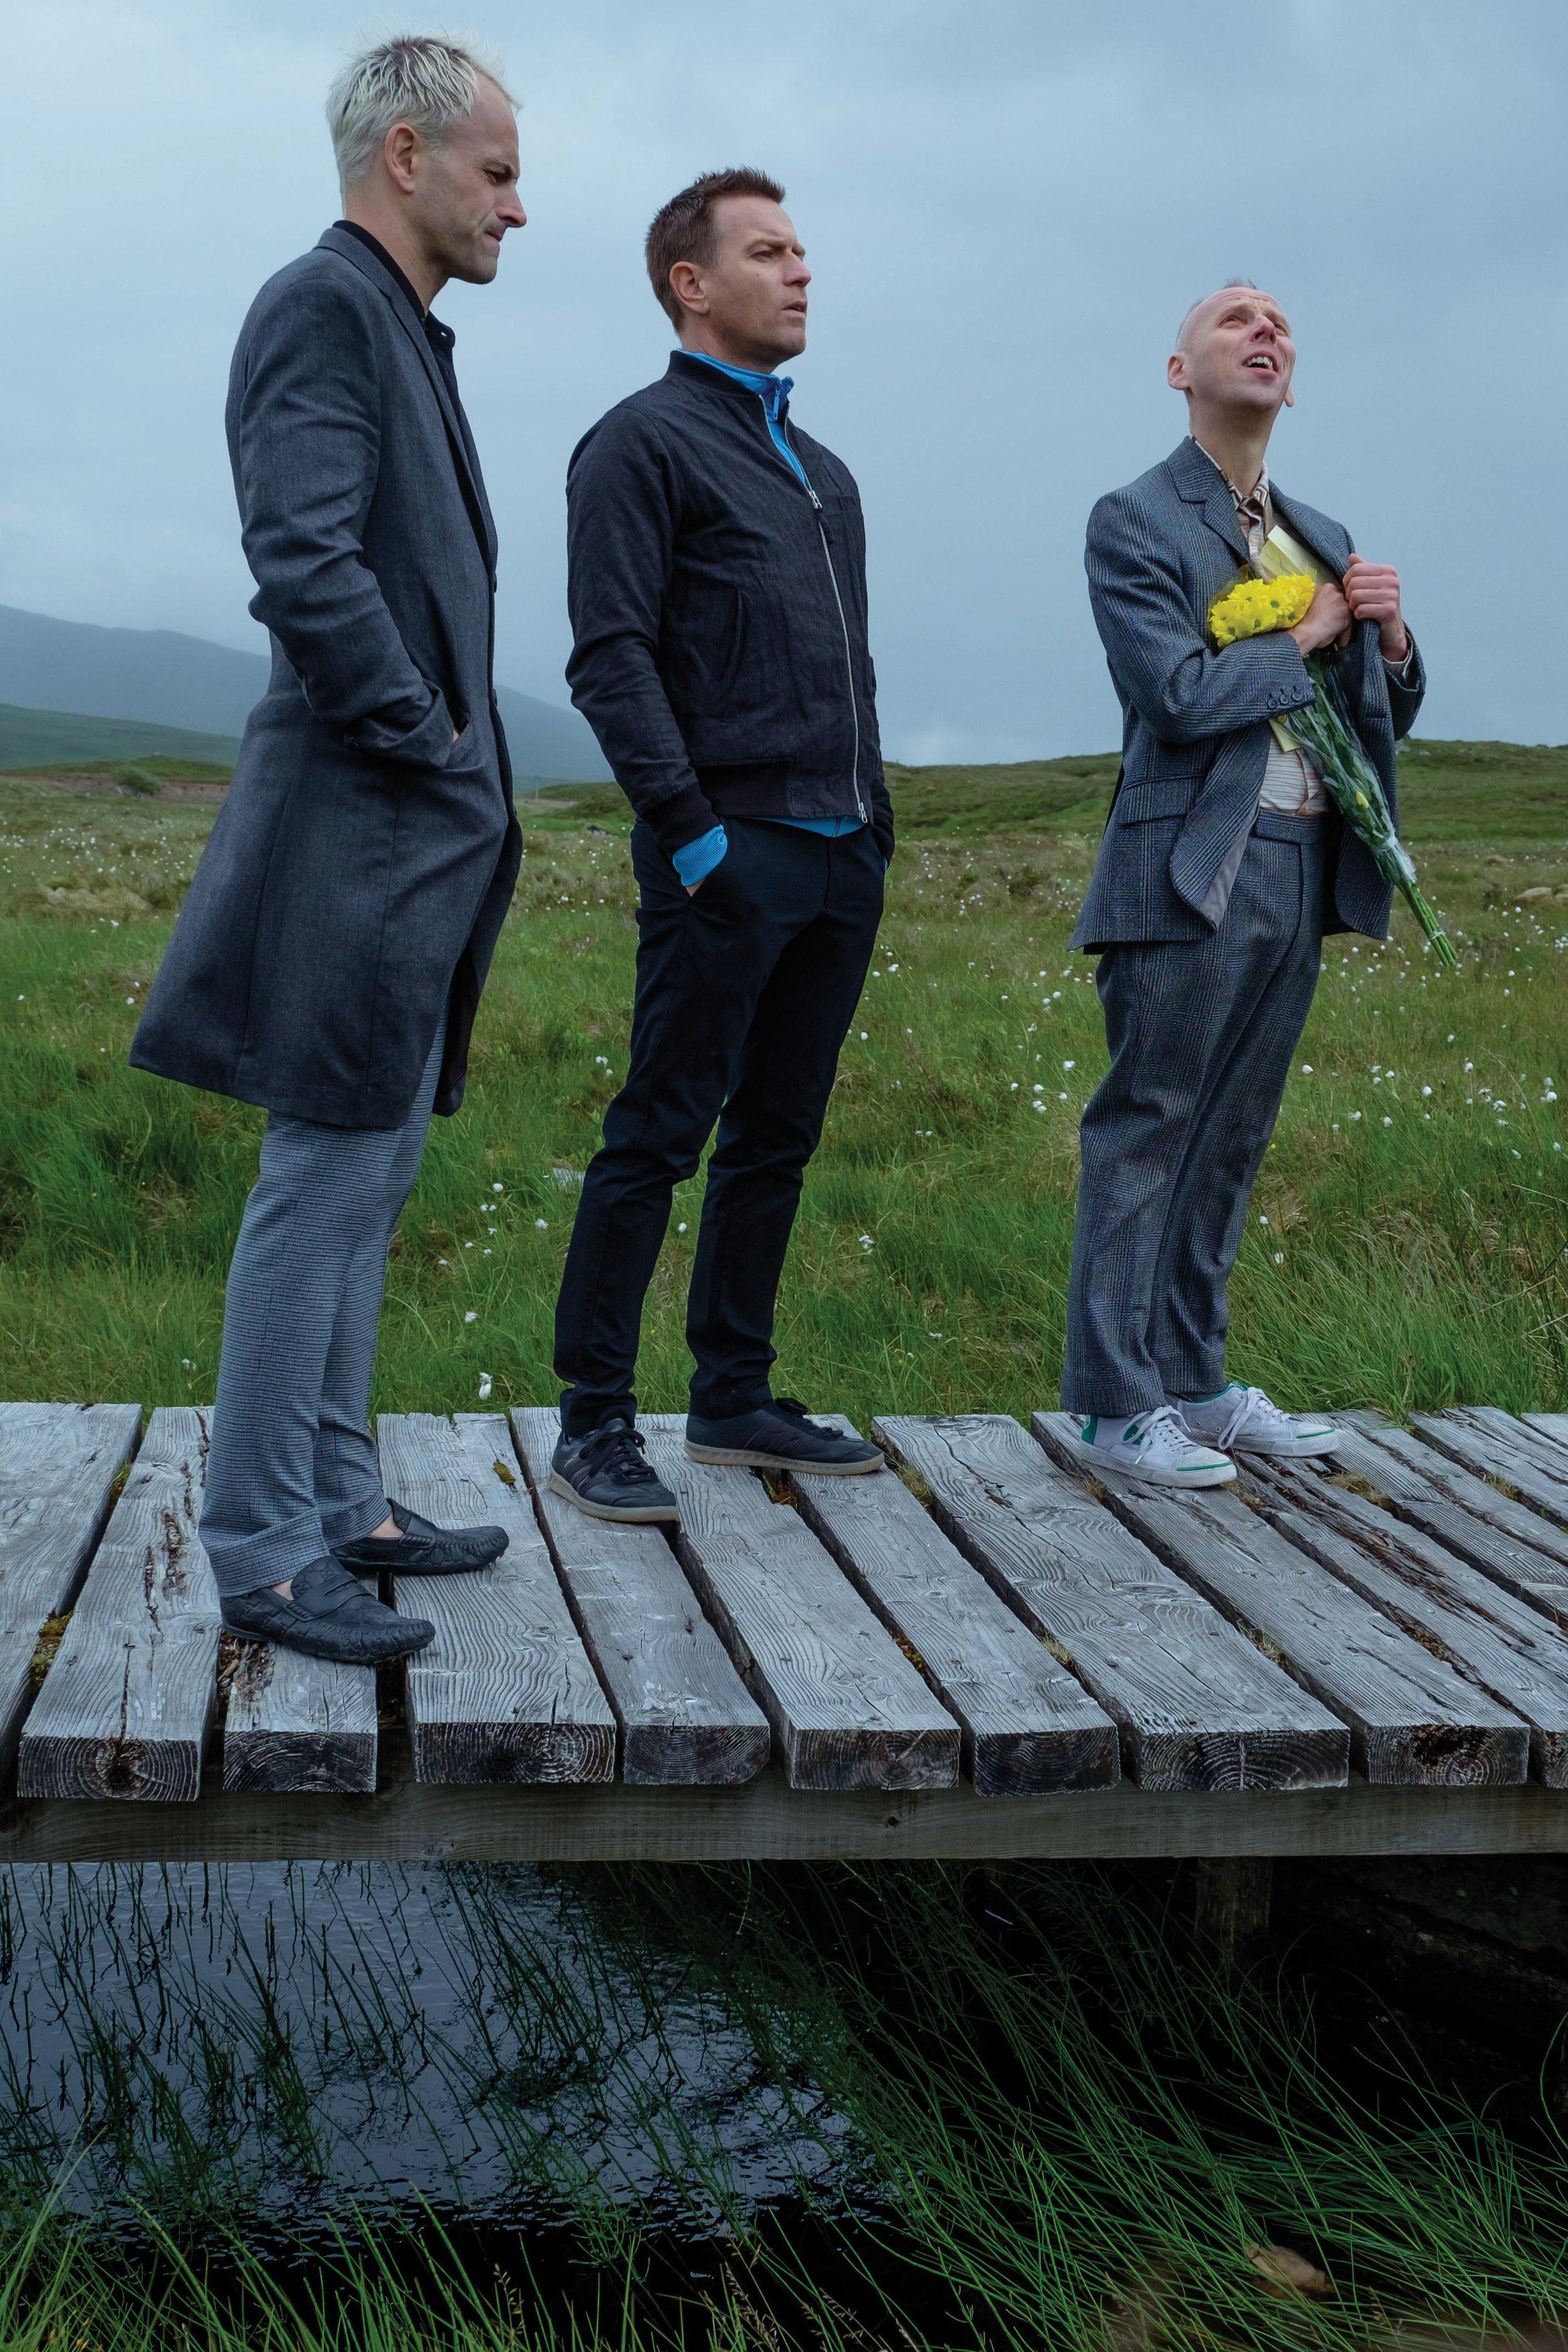 Reunited after 20 years: Jonny Lee Miller as Sick Boy, Ewan McGregor as Mark Renton, and Ewen Bremner as Spud.